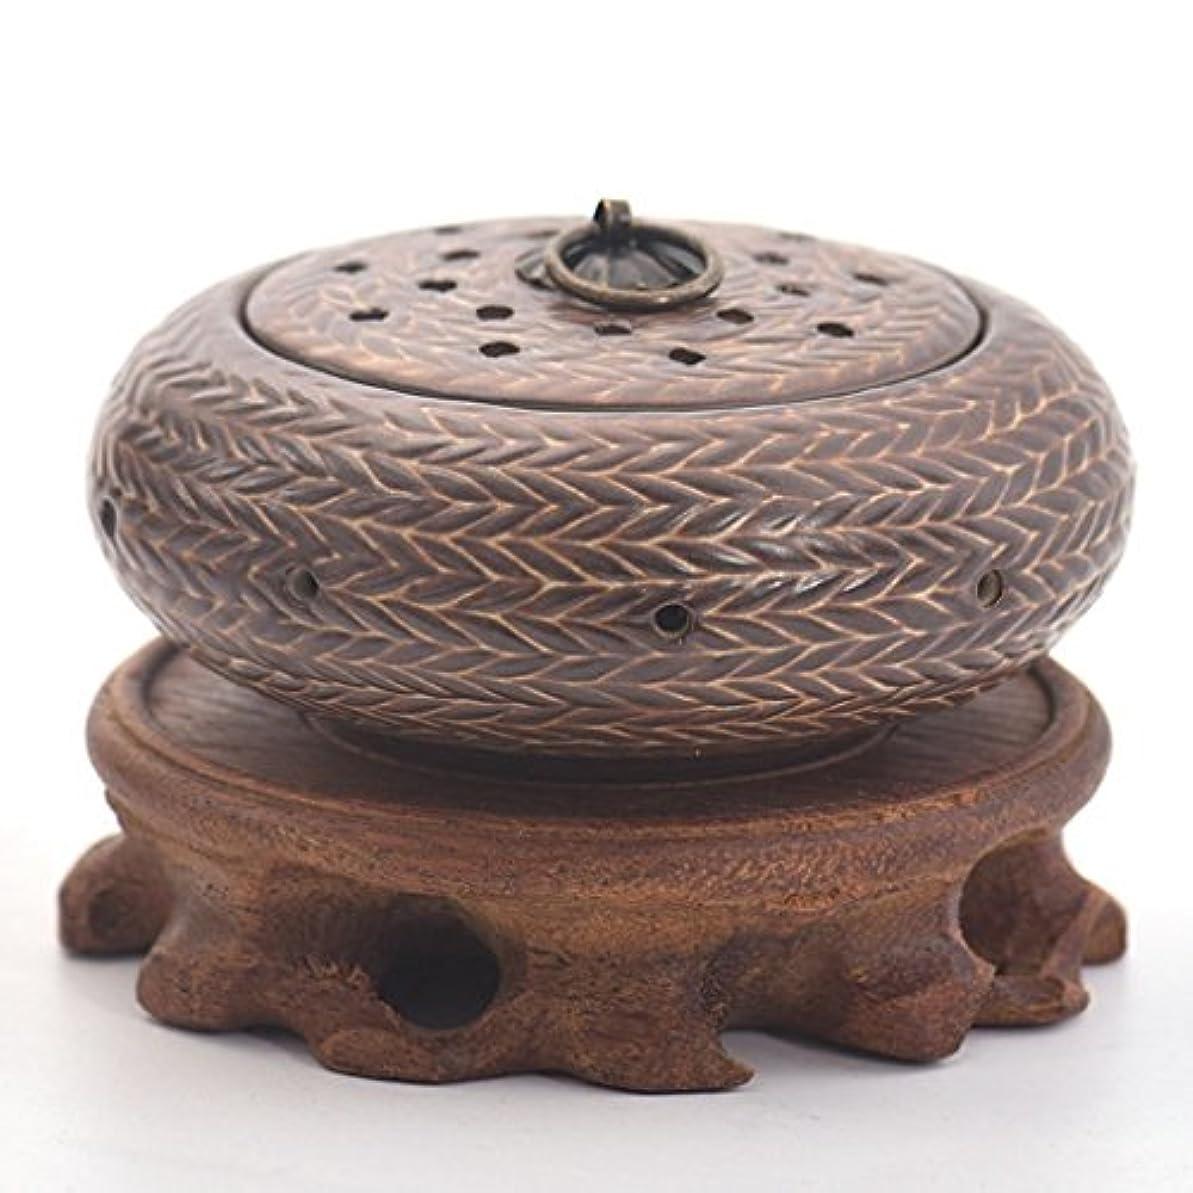 流付けるシーズン(ラシューバー) Lasuiveur 陶磁器 香炉 香立て 線香立て お香立て